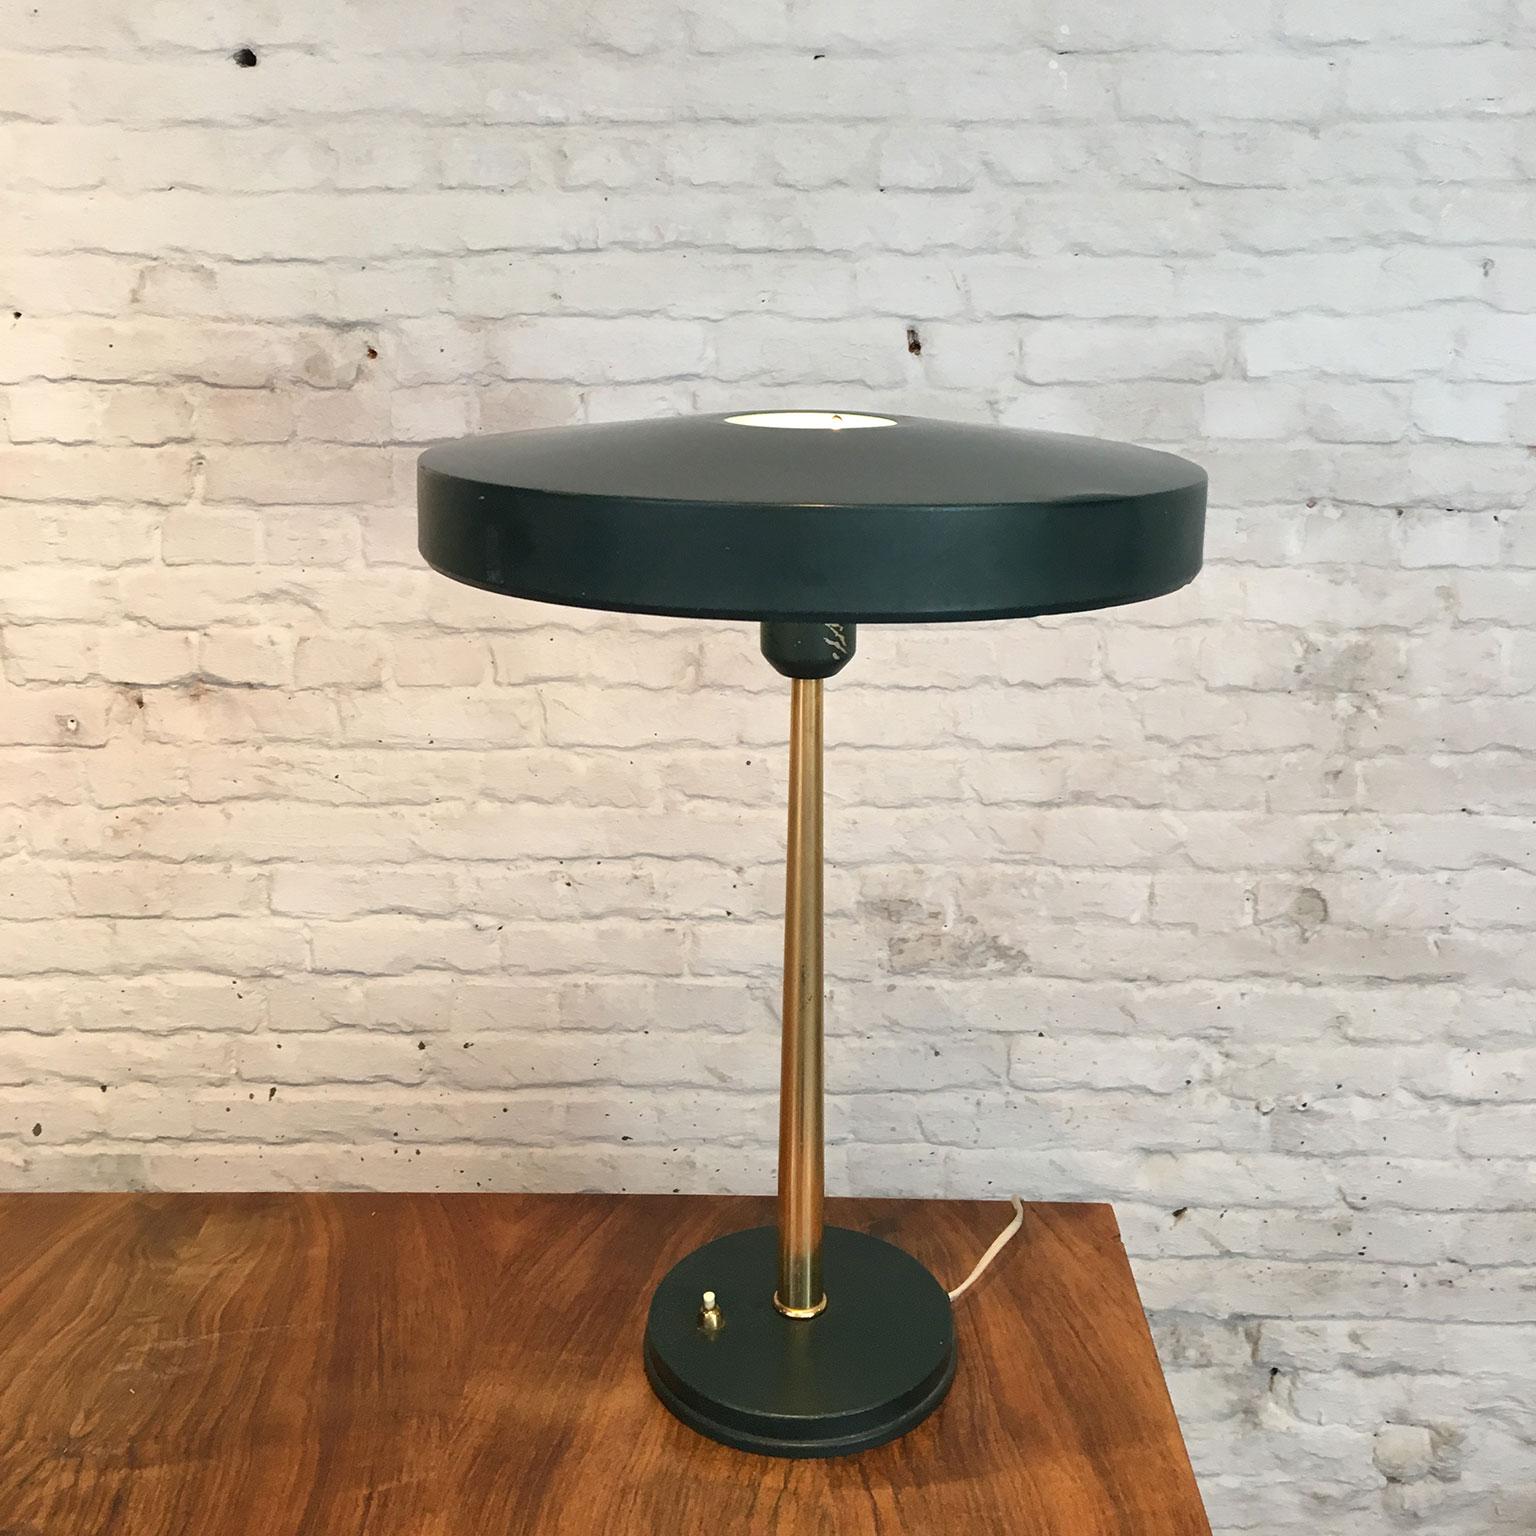 Die-Firma-vintage-shop-Antwerp-Vintage-Timor-bureaulamp-Louis-Kalff